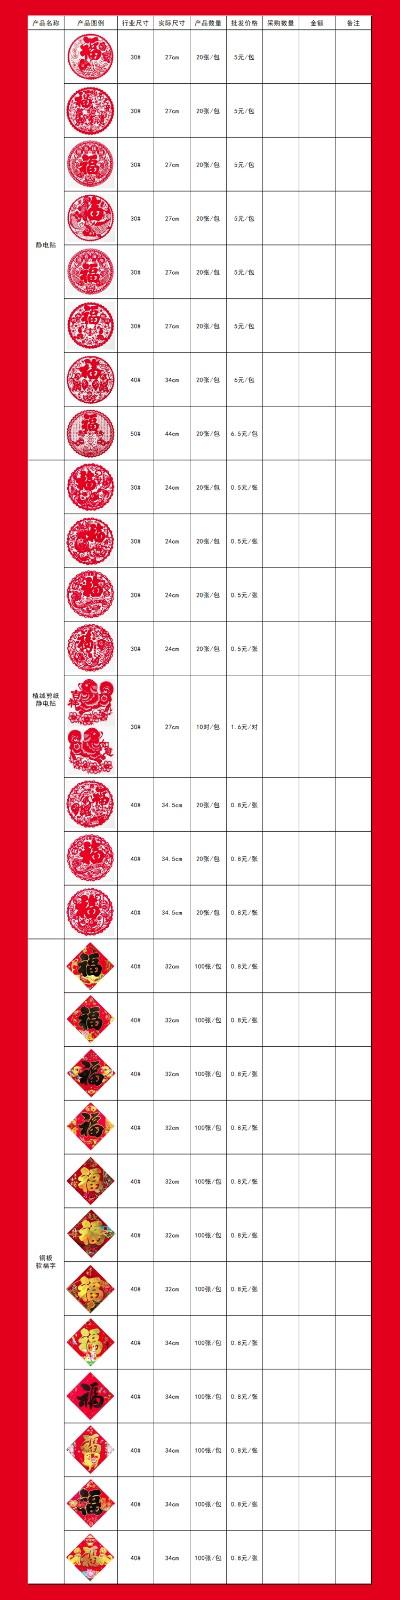 2018年新春年货 对联 福字 门神 春条 窗花静电贴 灯笼等新春年货大量供应 静电贴剪纸供应|春节用品-北京赛车怎么玩